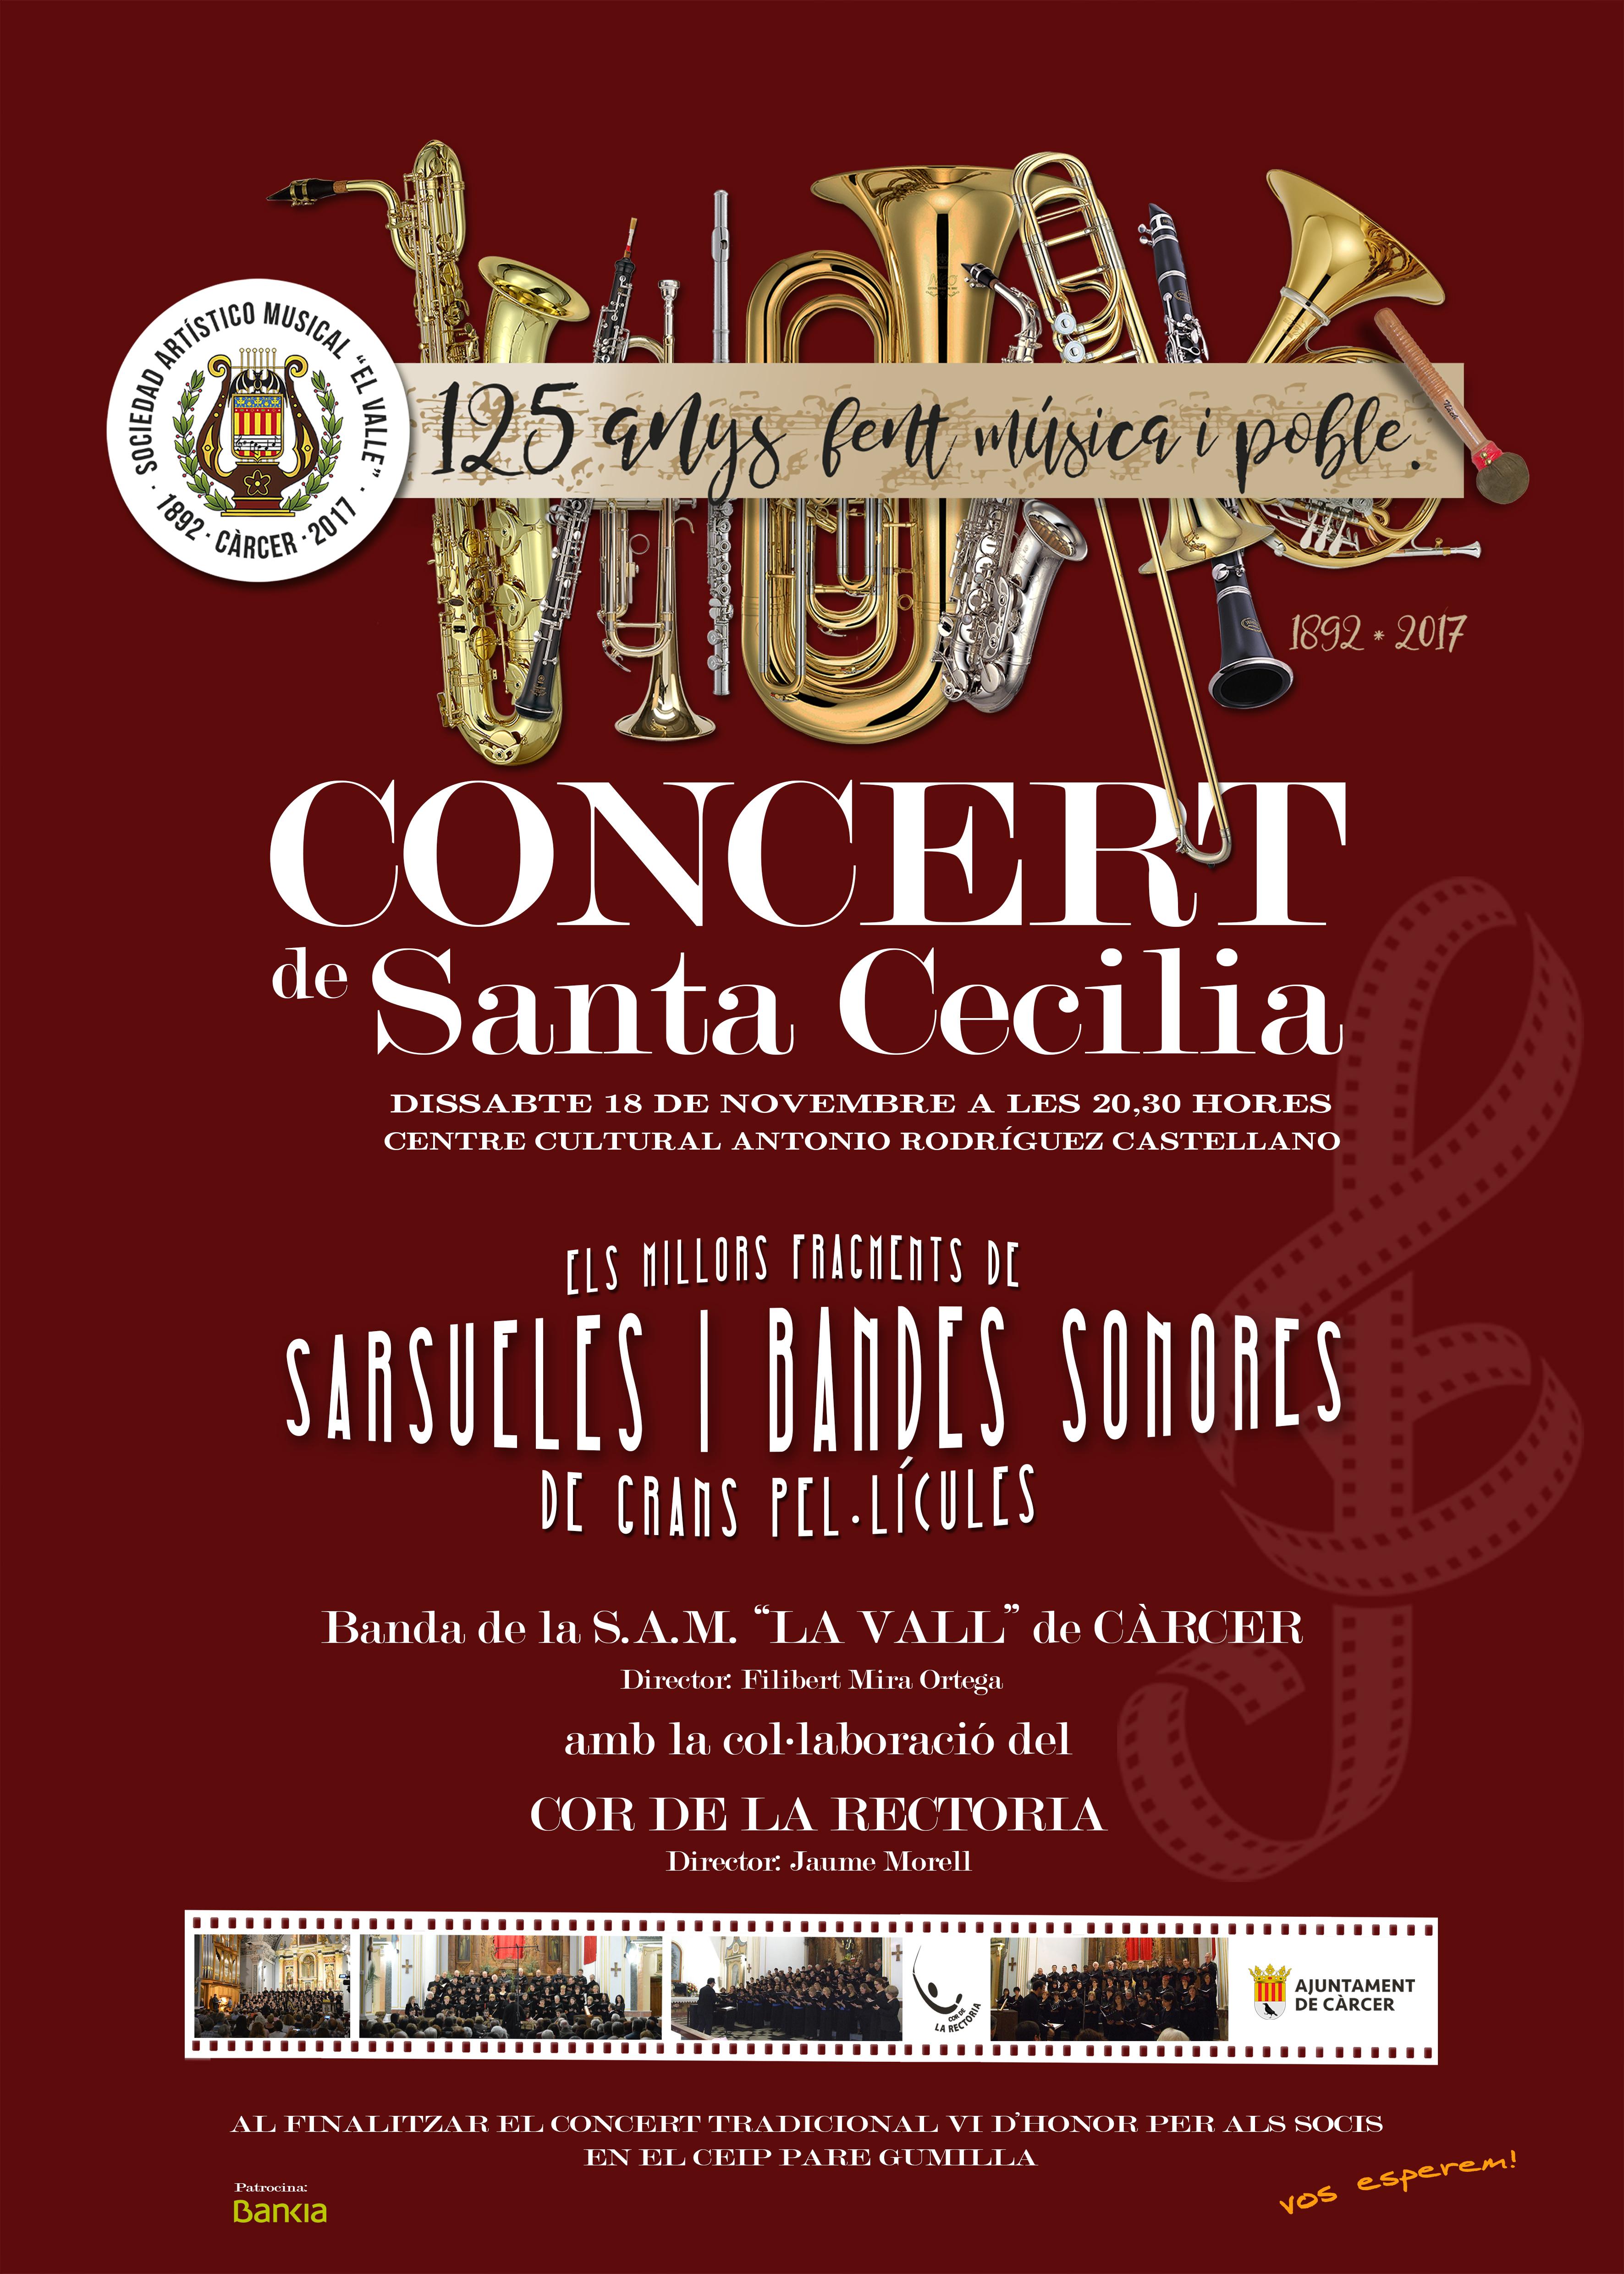 santa cecilia_concert-cor